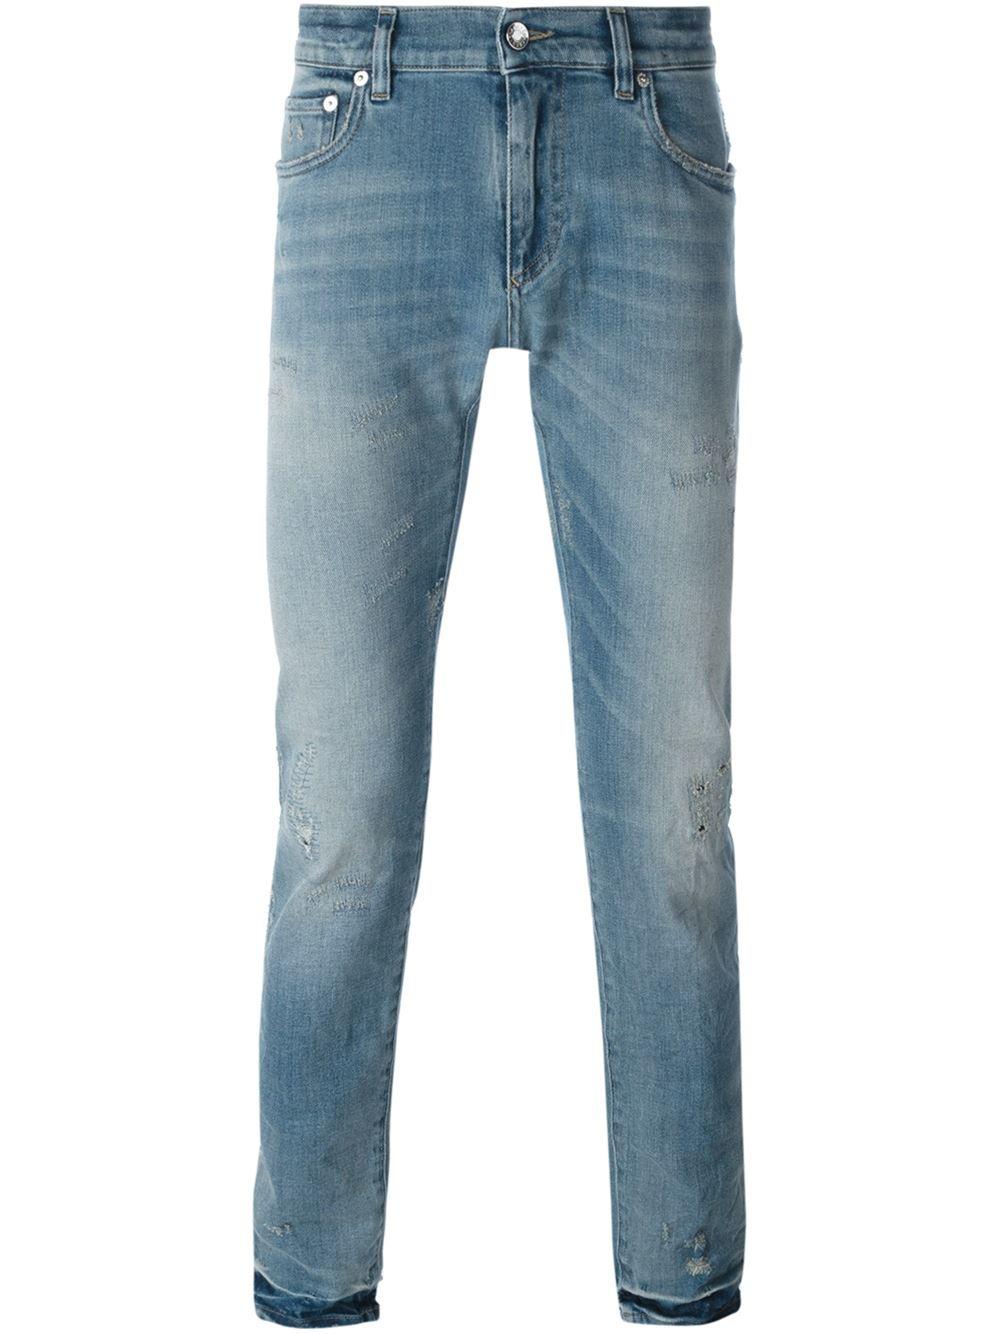 dolce gabbana distressed jeans in blue for men save 40. Black Bedroom Furniture Sets. Home Design Ideas